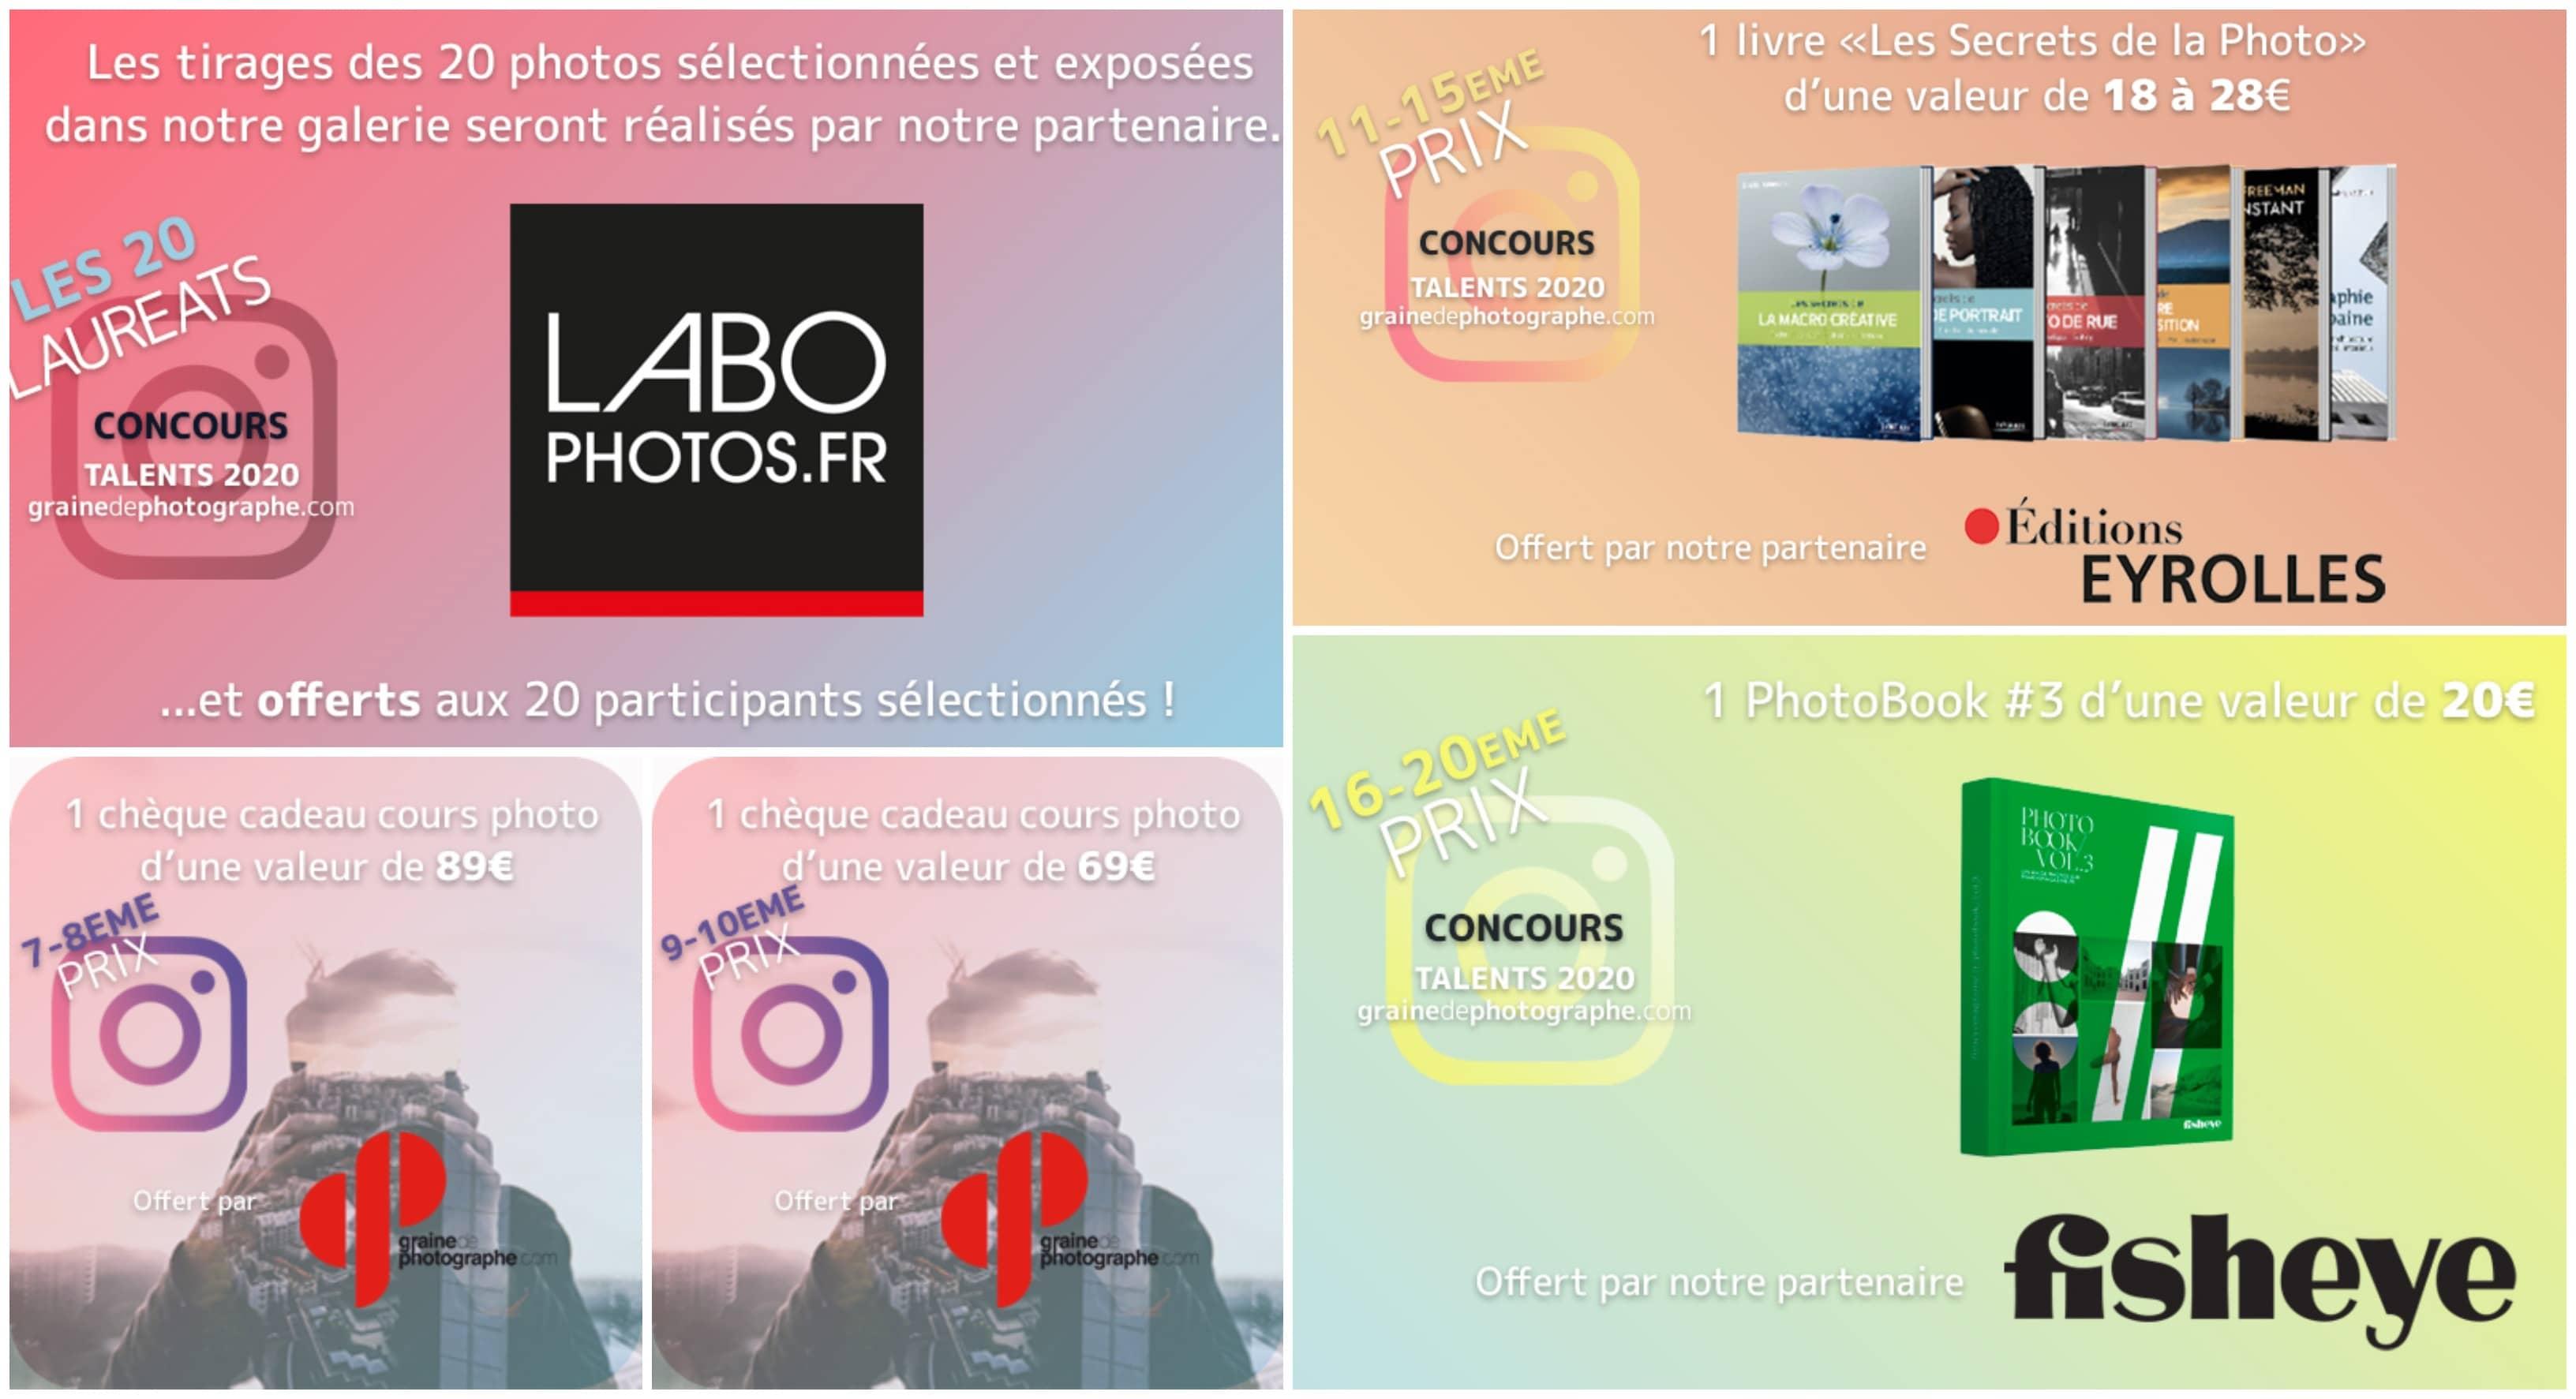 Plus de 2000€ lot seront remis aux gagnants désignés par notre jury final grâce à nos partenaires : Labophotos.fr, Ricoh Imaging Europe, MMF-Pro, Emtec, Eyrolles et Fisheye !